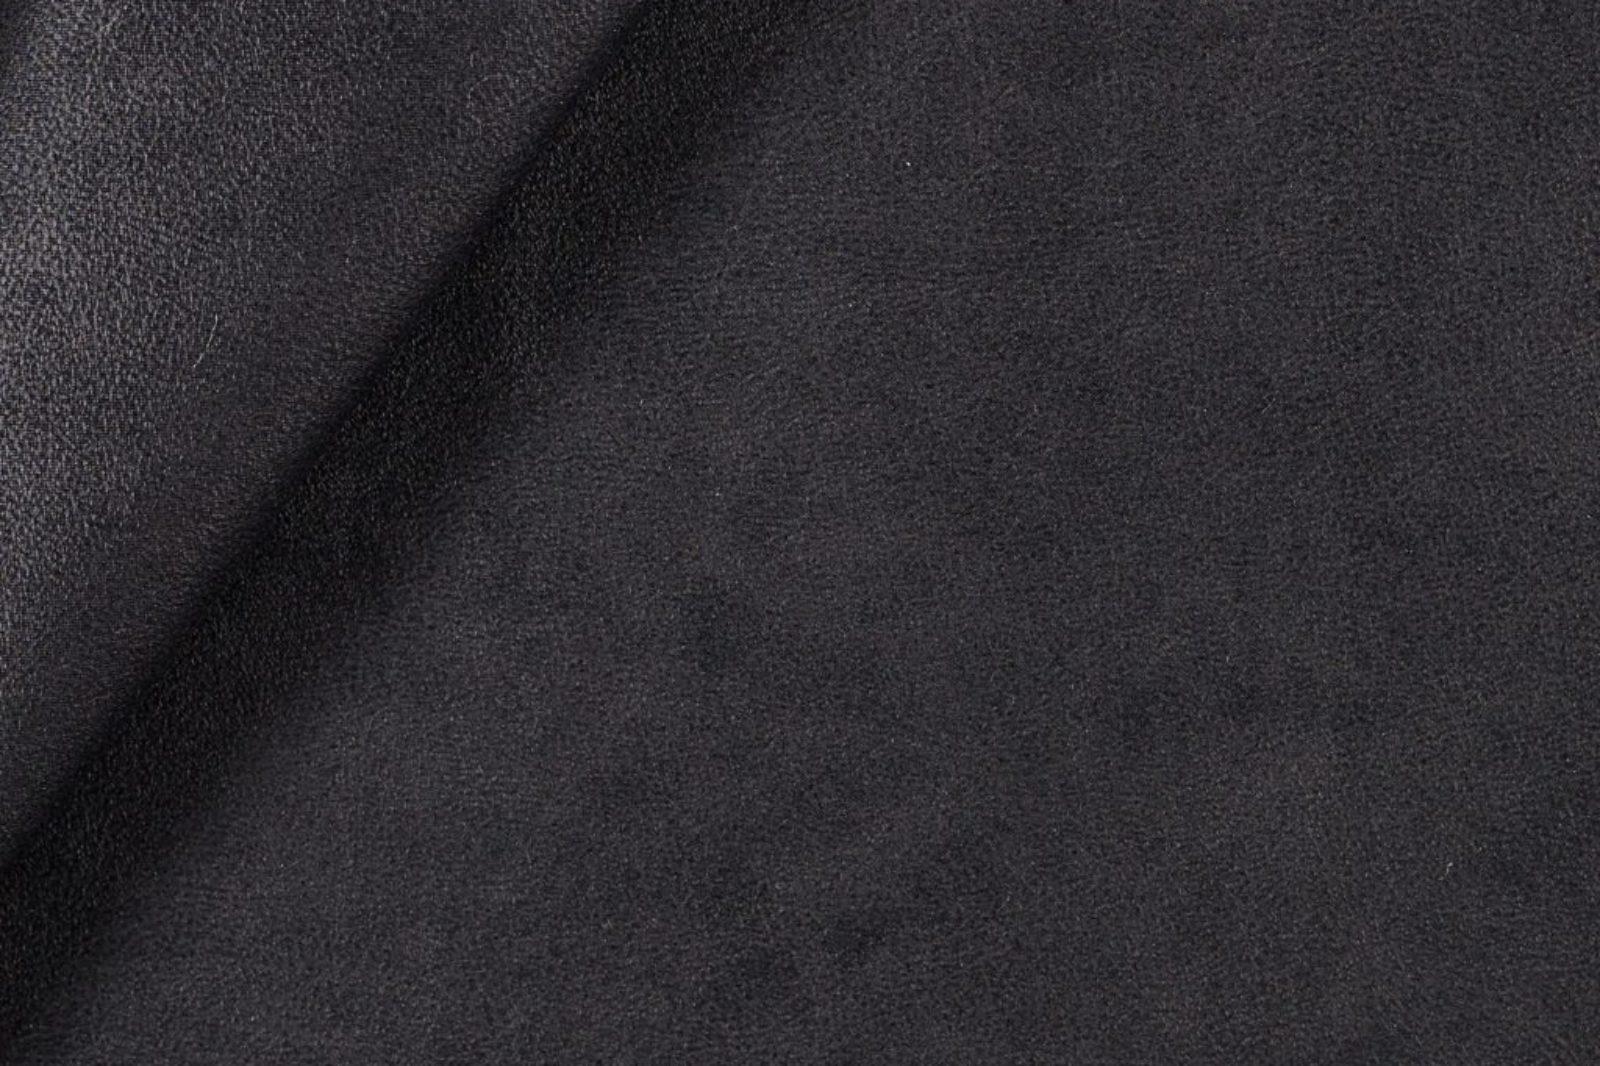 Lederimitat schwarz